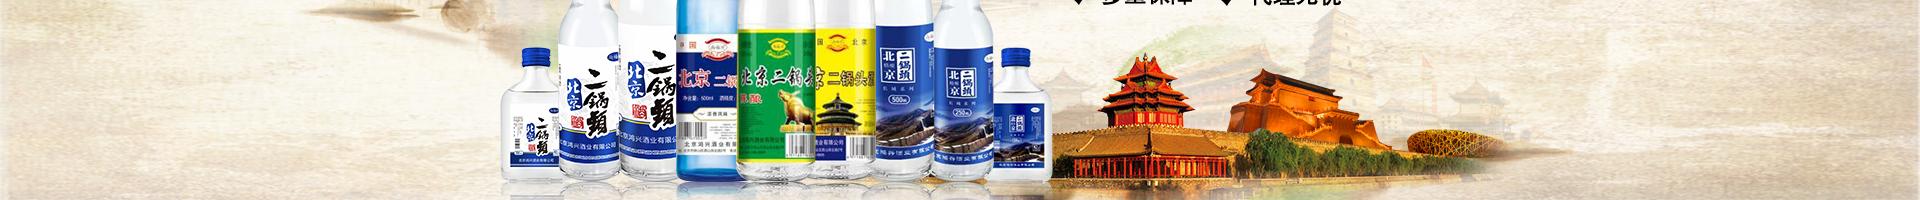 北京鸿兴酒业有限公司